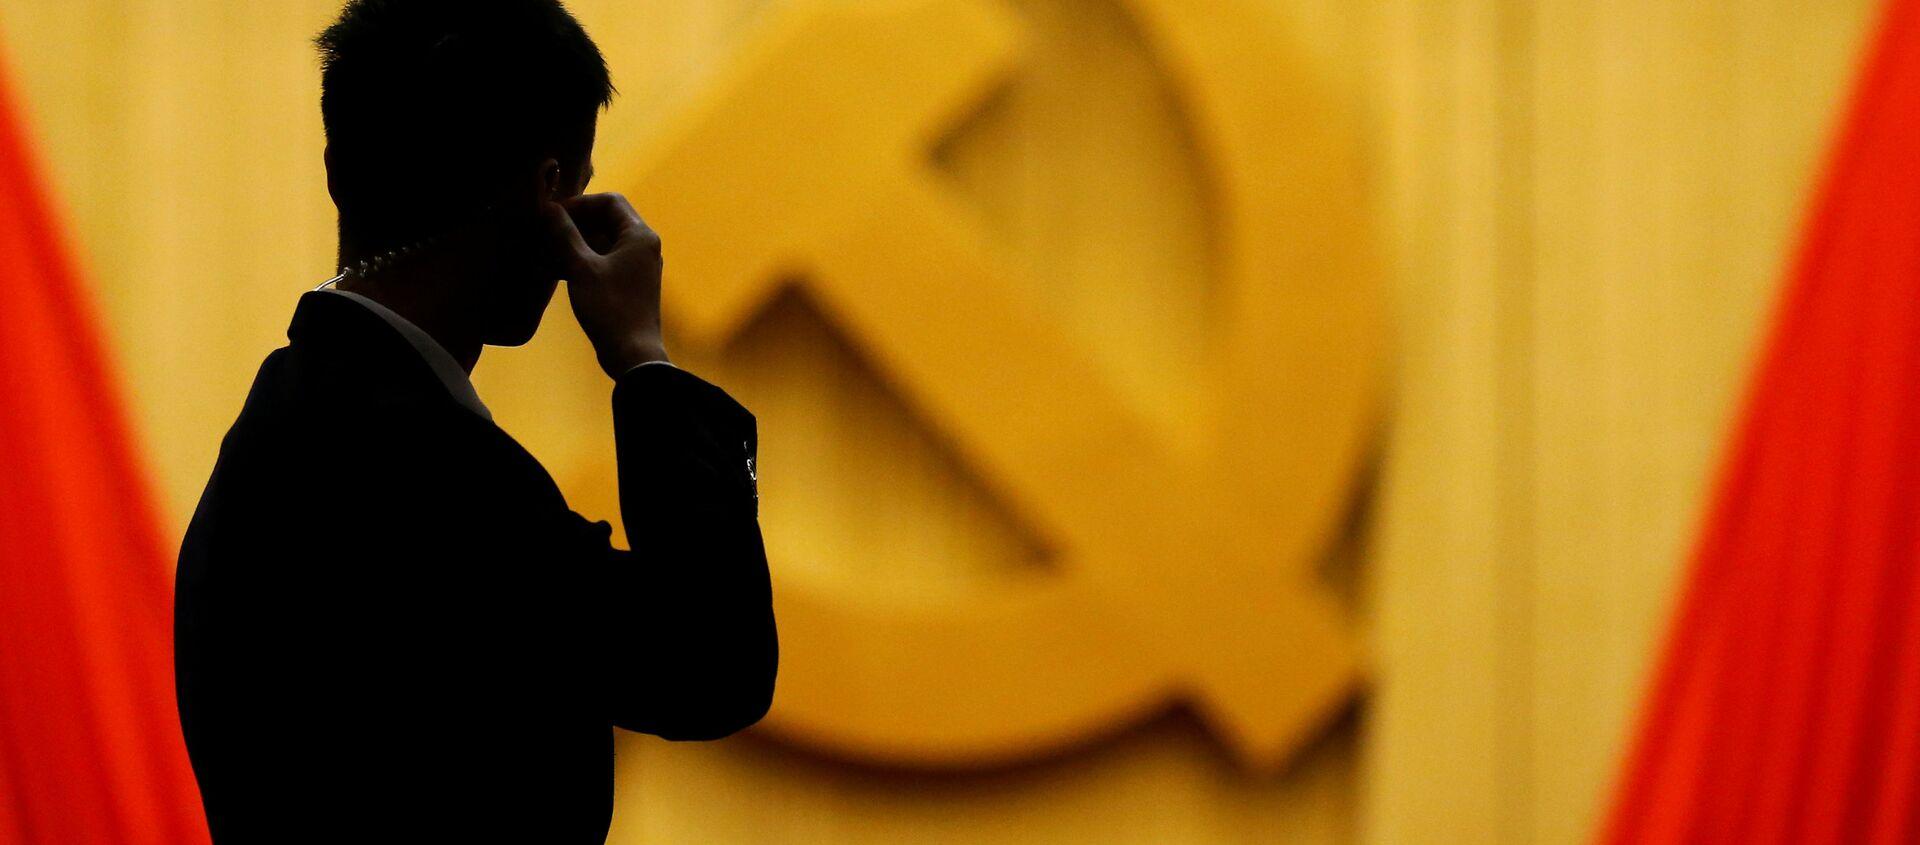 Lễ khai mạc Đại hội lần thứ 19 của đảng Cộng sản Trung Quốc - Sputnik Việt Nam, 1920, 29.06.2021